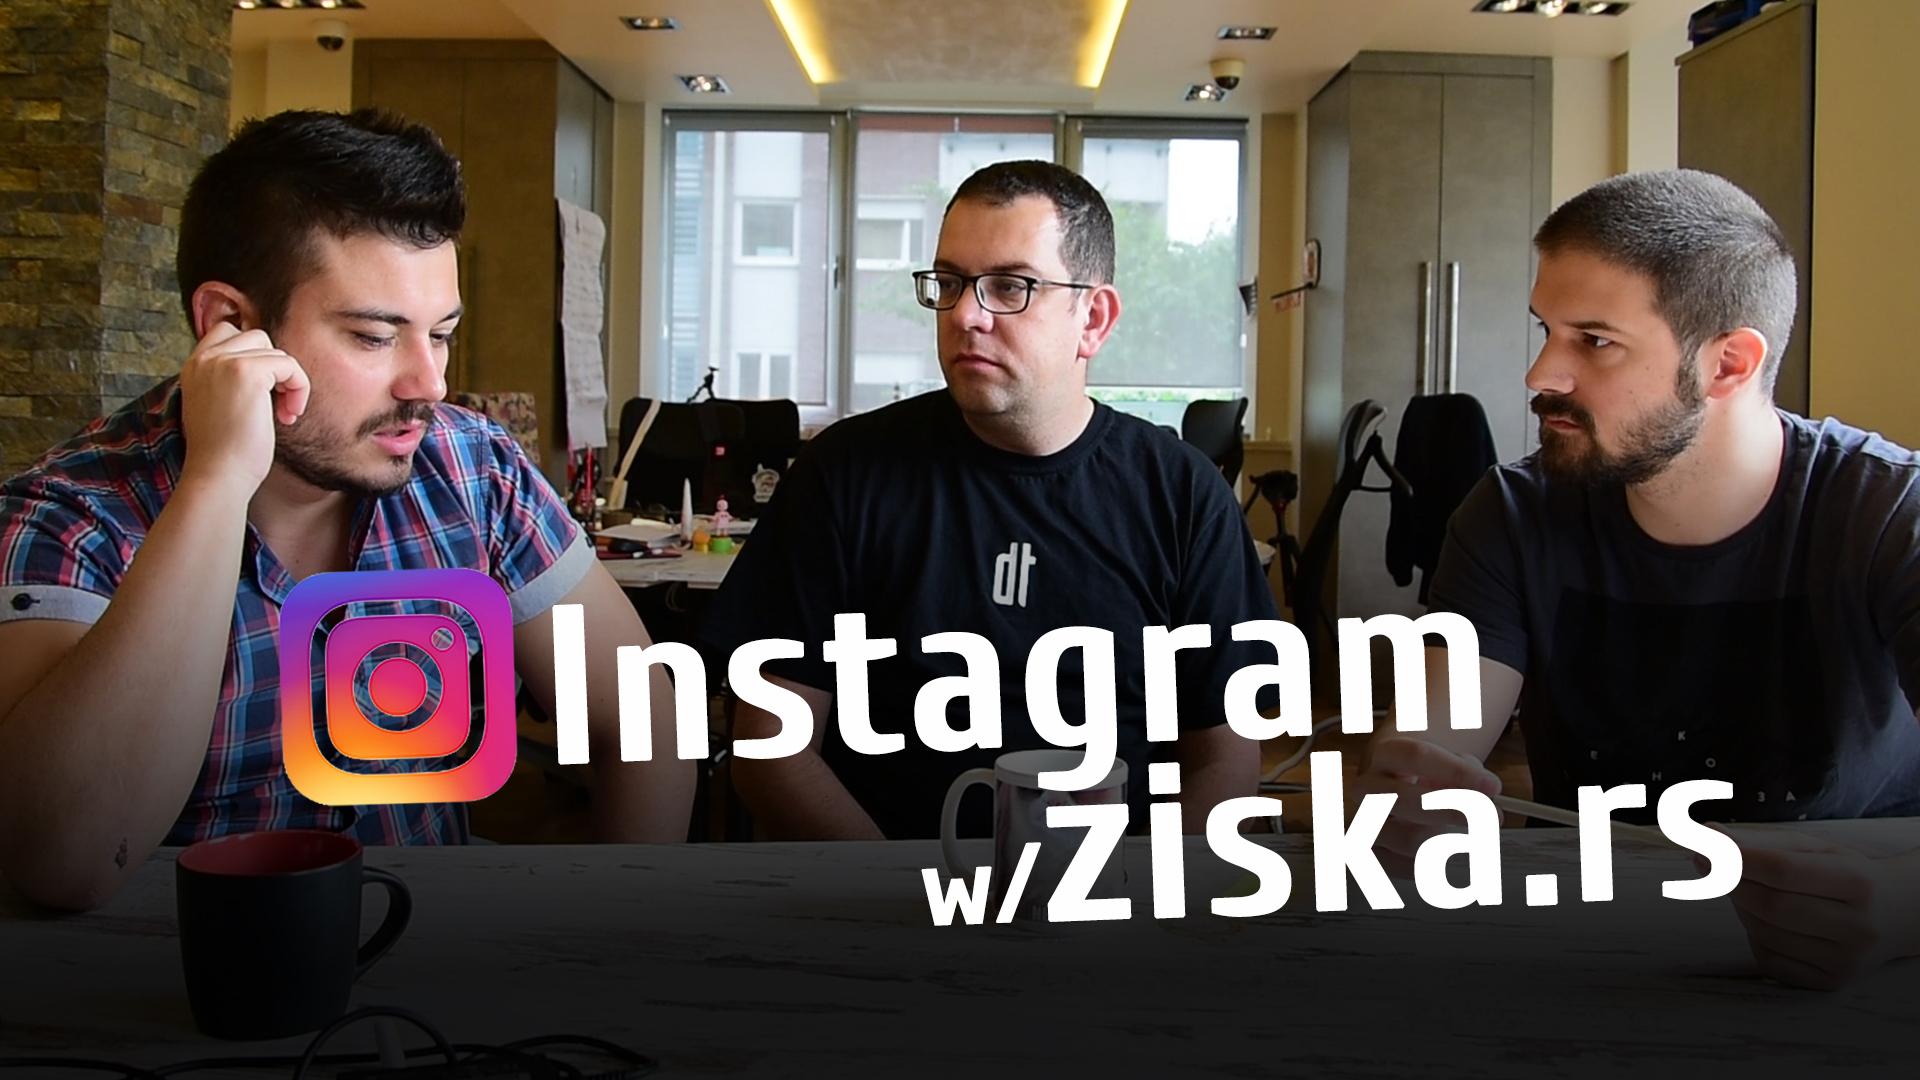 #комкаст – Instagram муабет со Ziska.rs – s02e07